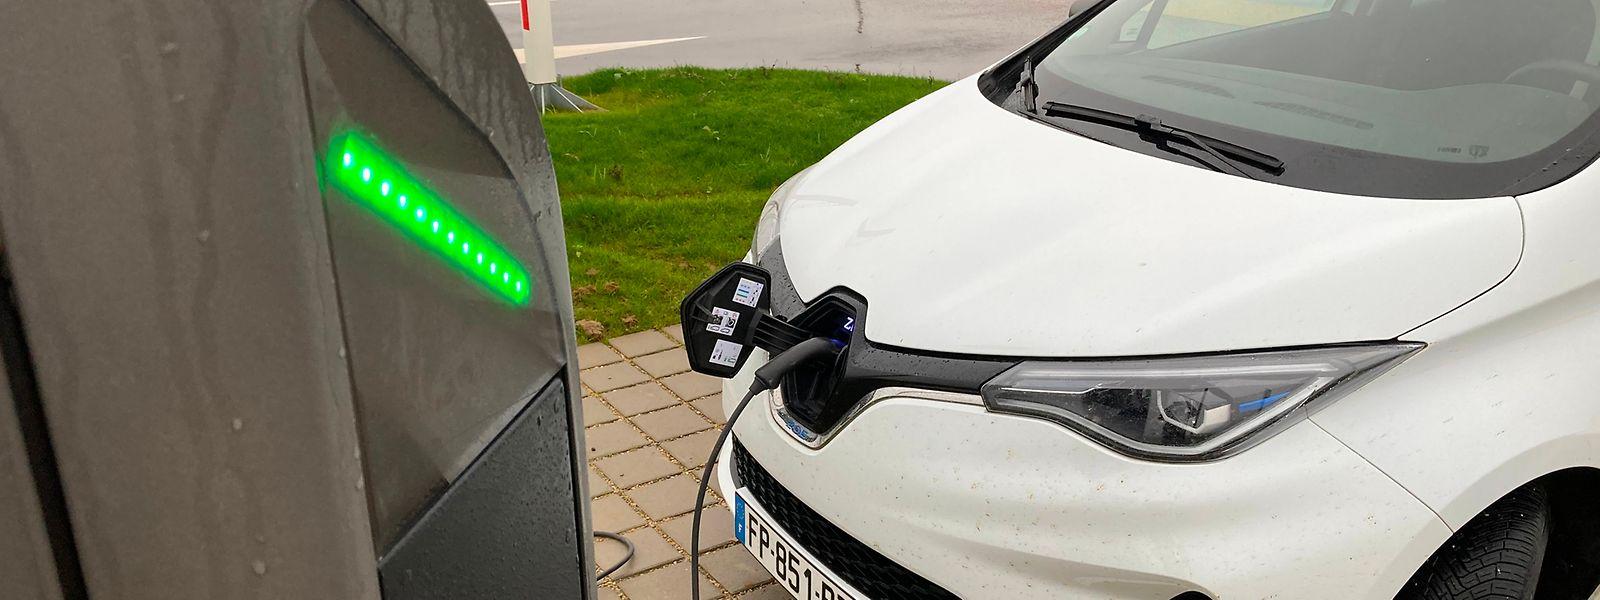 Le site dispose de huit emplacements de rechargement pour véhicules électriques. Une capacité qui pourra être doublée à l'avenir.